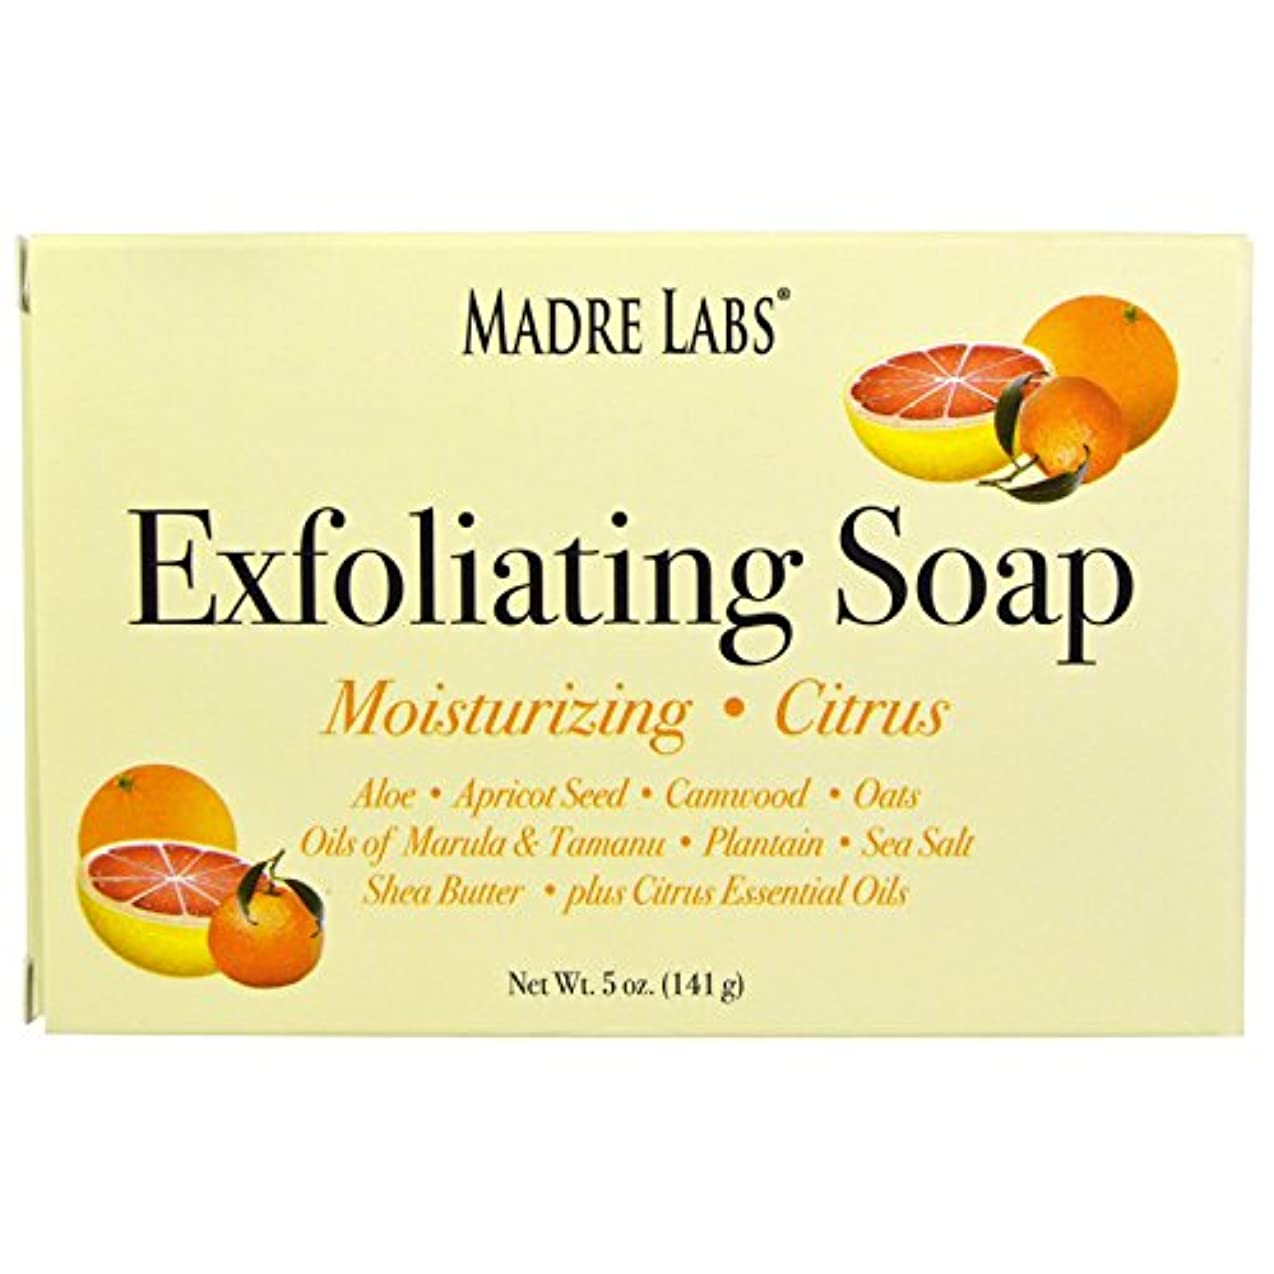 直径副転倒マドレラブ シアバター入り石鹸 柑橘フレーバー Madre Labs Exfoliating Soap Bar with Marula & Tamanu Oils plus Shea Butter